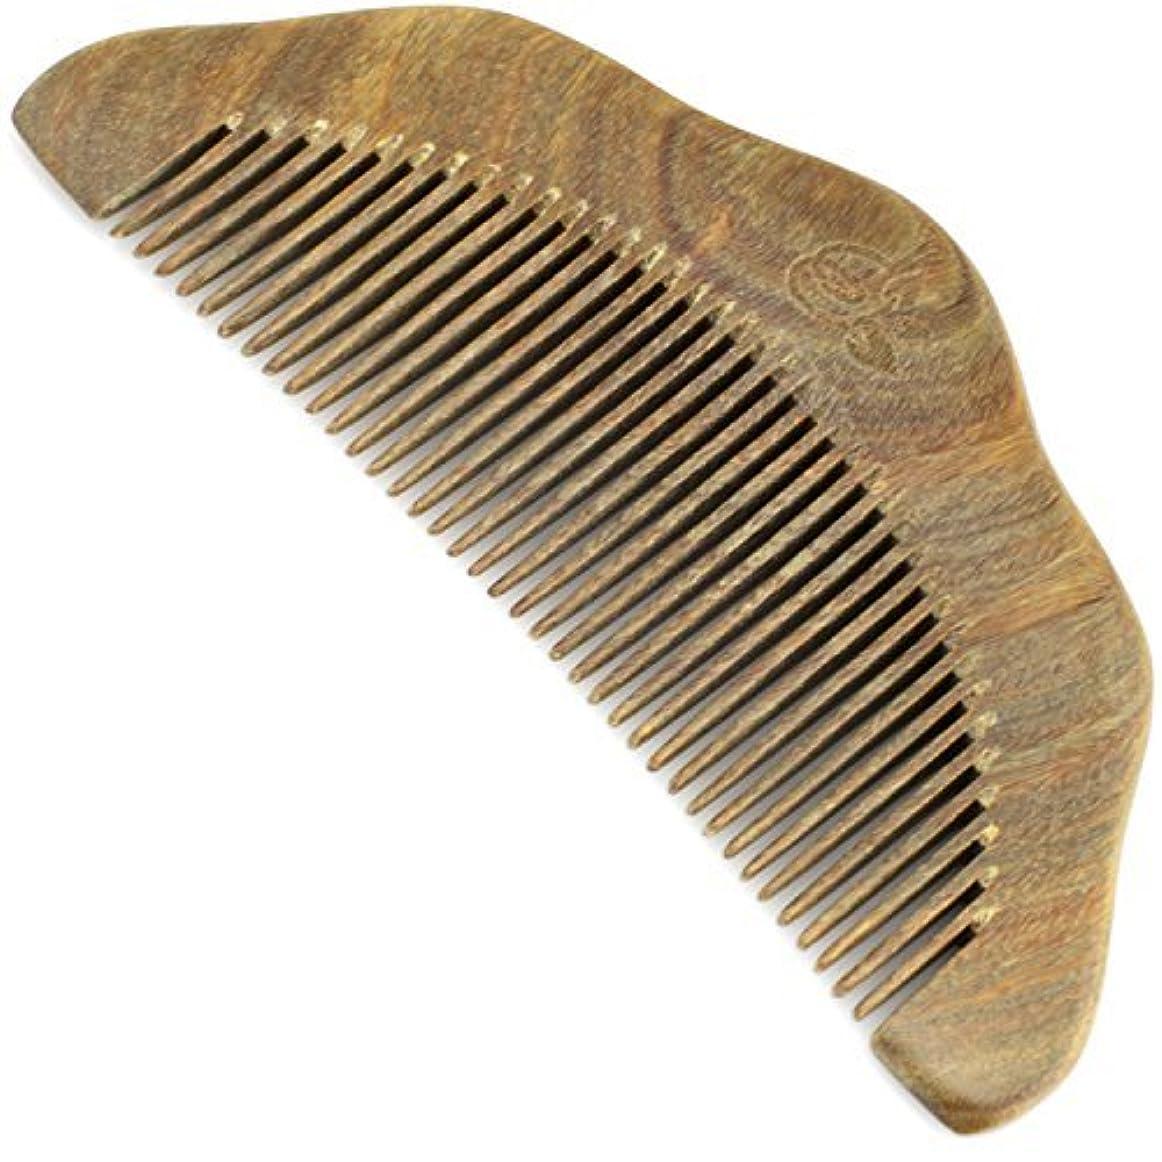 フランクワースリー効果的空いているEvolatree Wood Comb for Hair - Handmade Natural Wooden Combs with Anti-static & No Snag - Smoothing Vanity Comb...